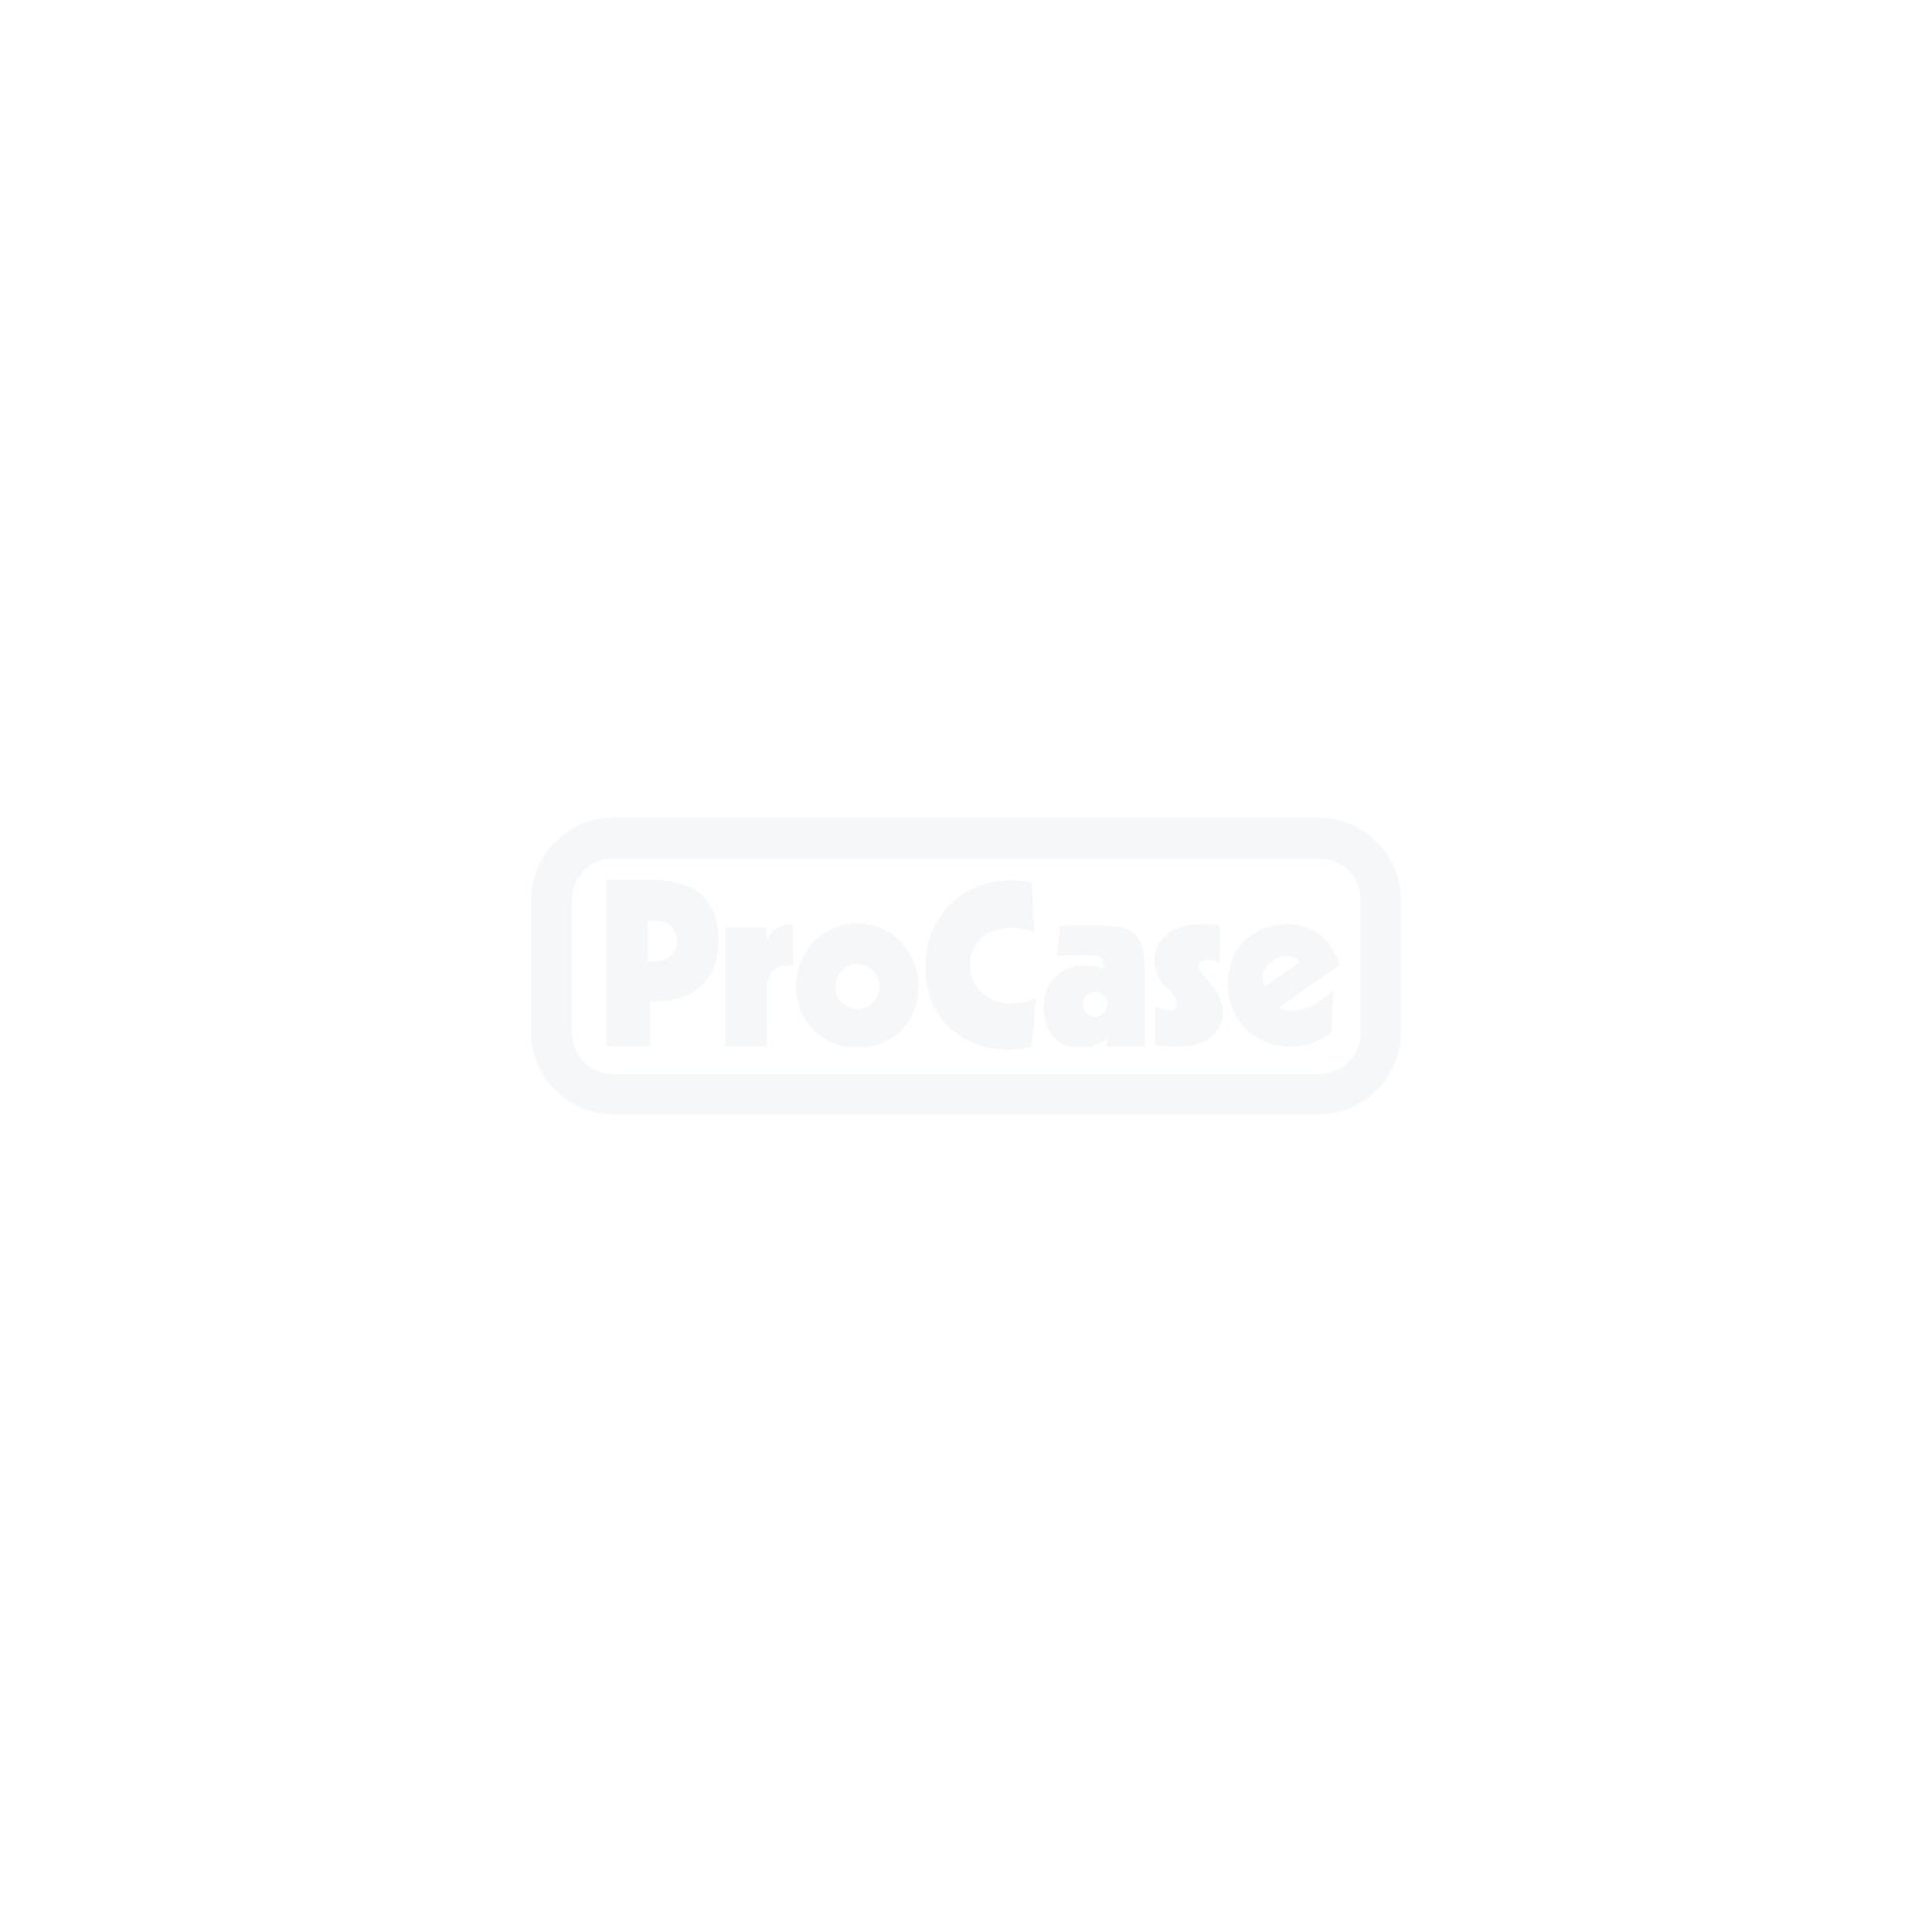 PlasmaCase Eyevis Eye-LCD-4600-SN-V2 und  Eye-Frame-4600-SN-V2 3